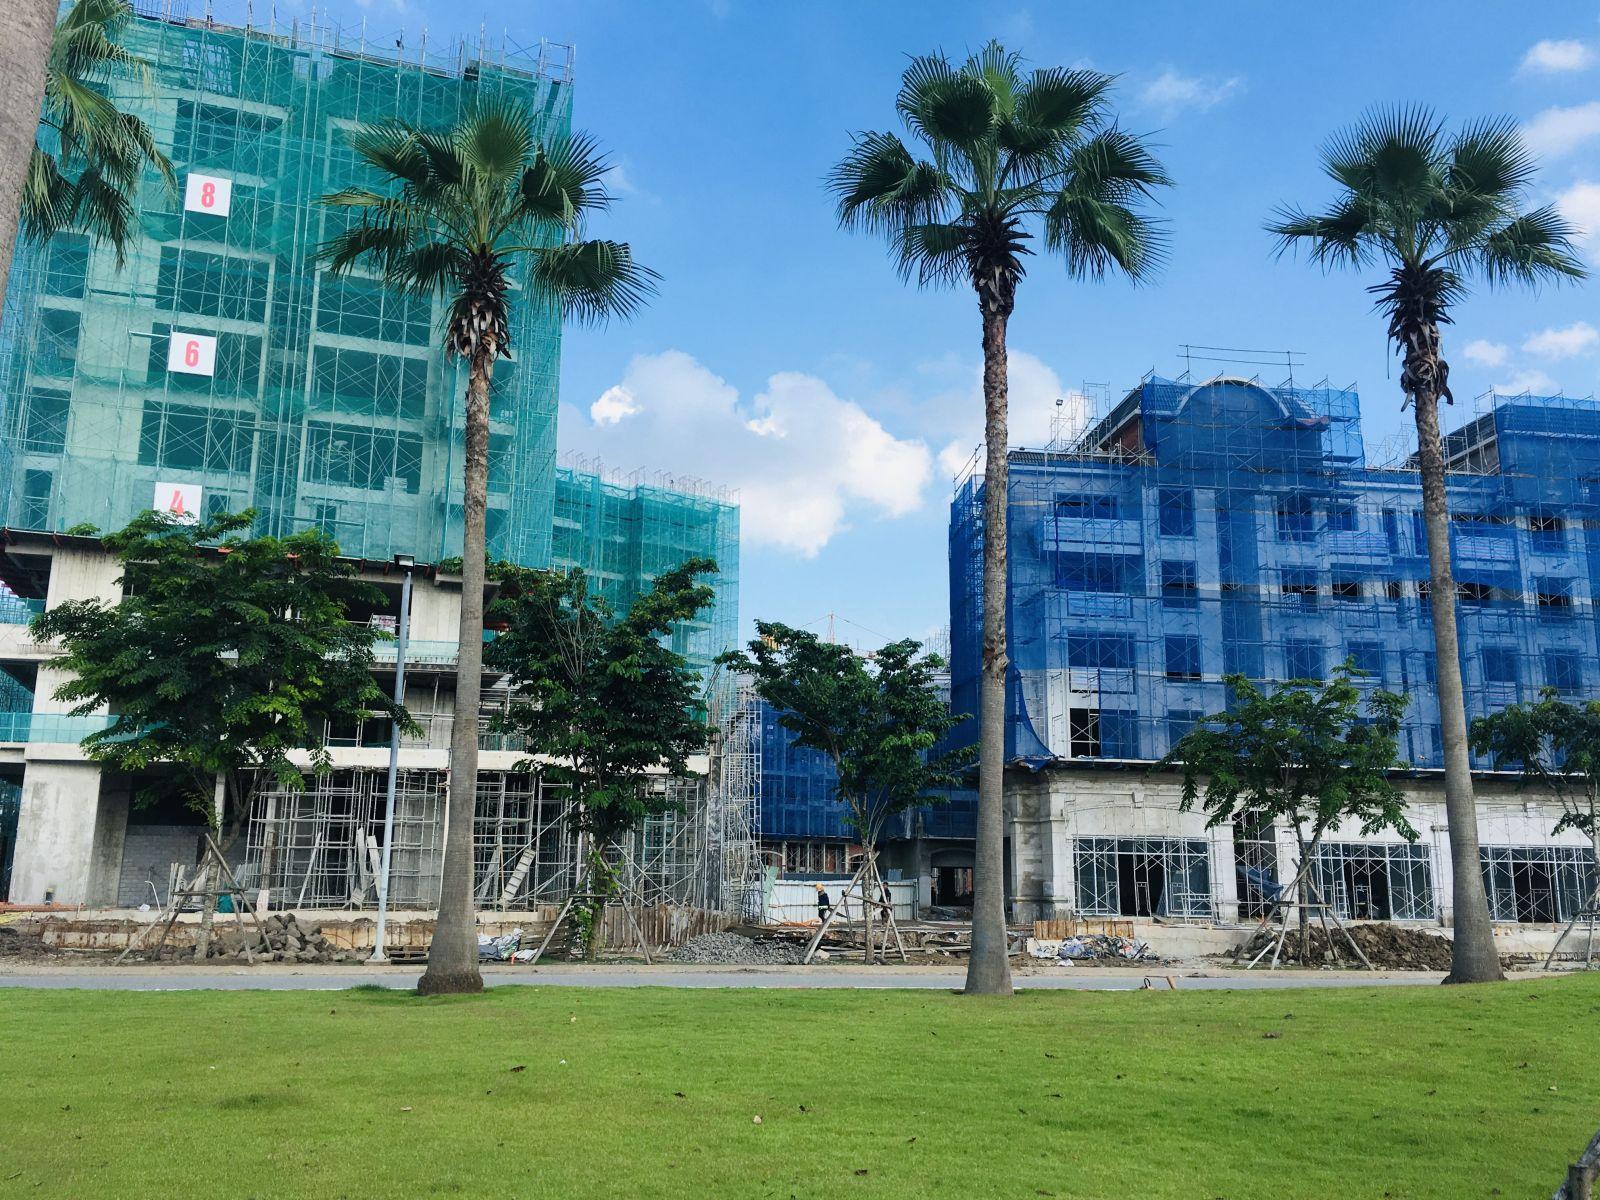 căn hộ dự án swan bay zone 6 đang xây dựng